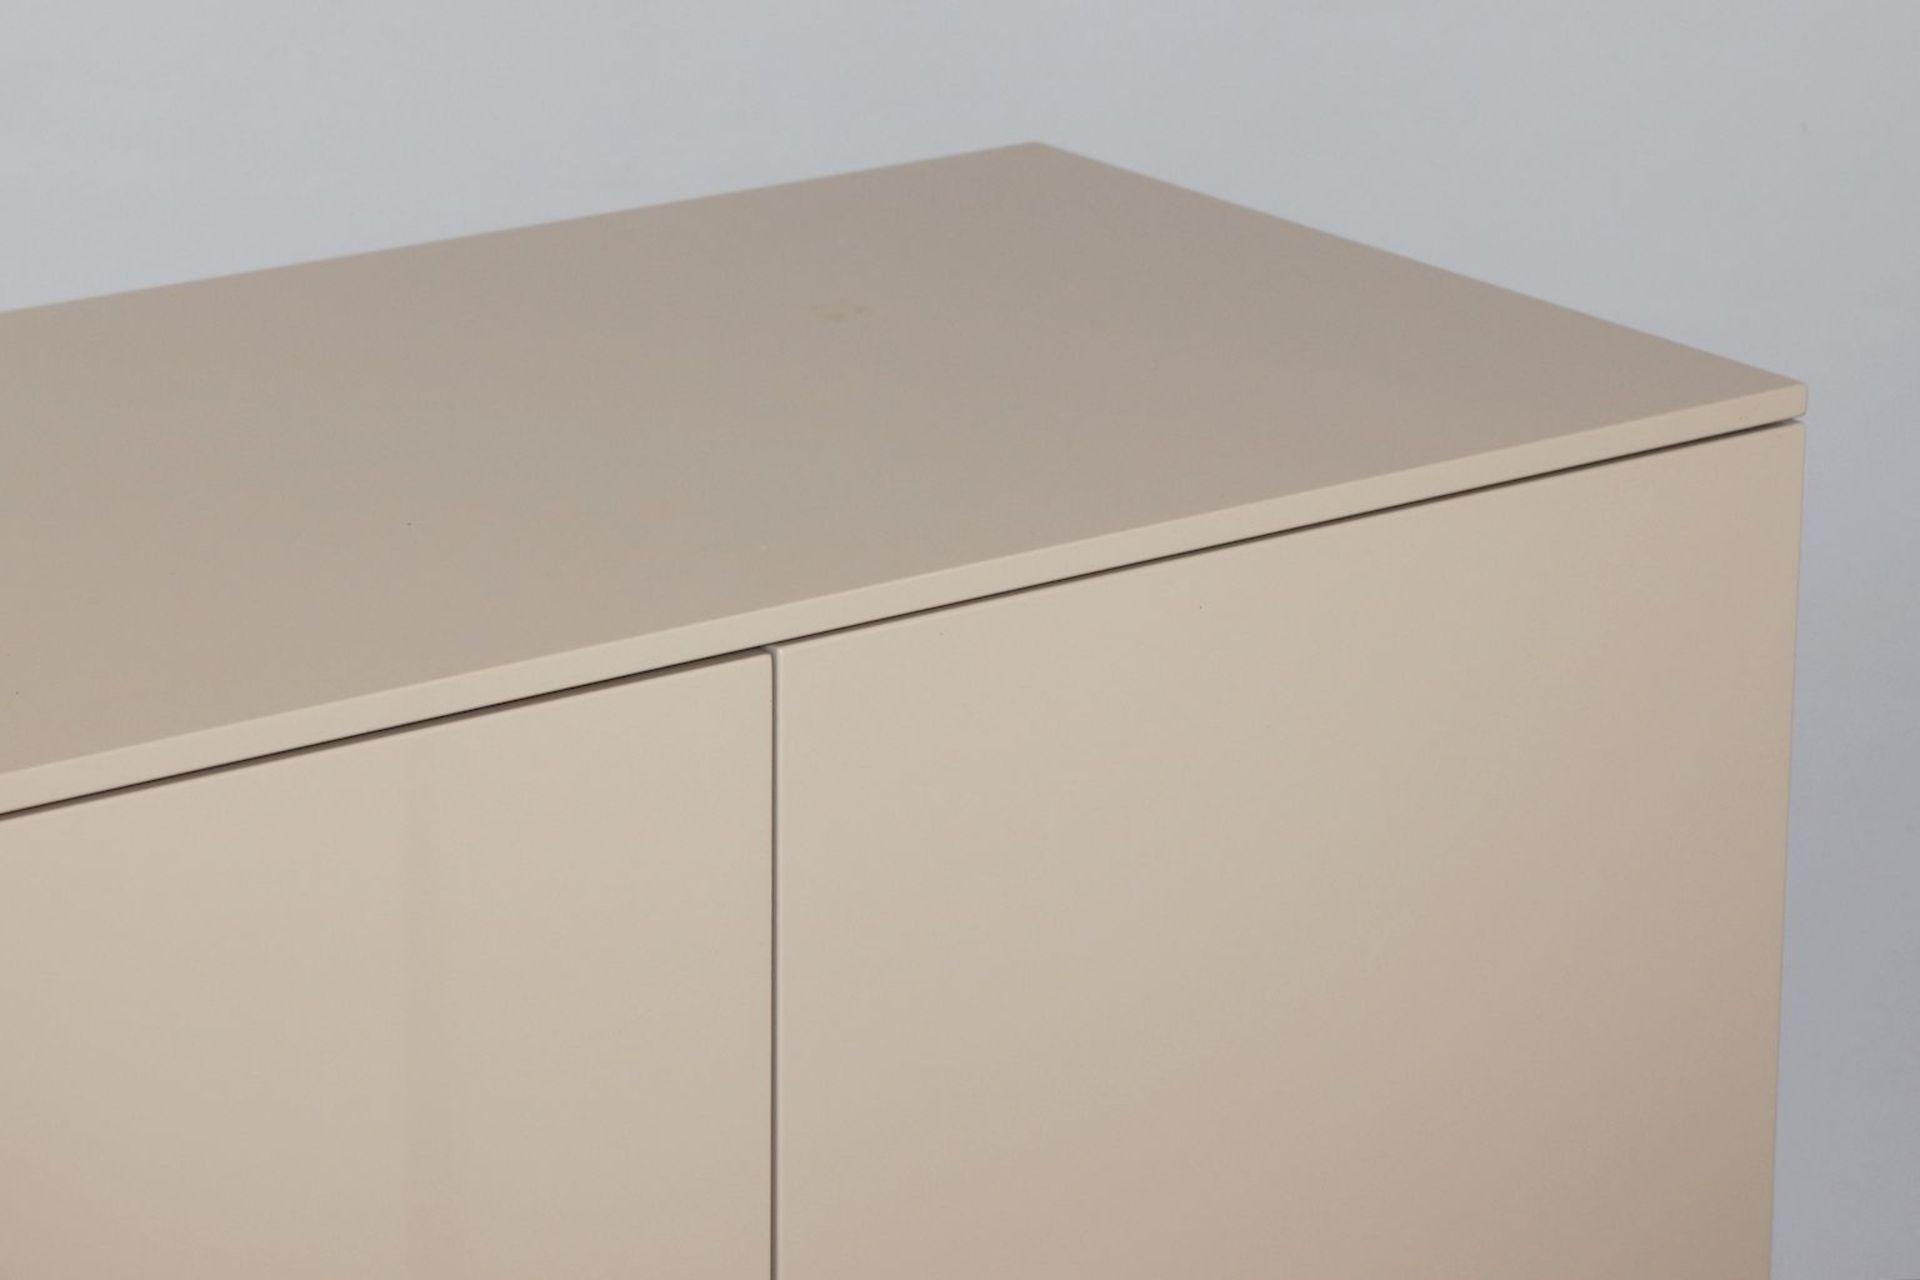 CAPELLINI Sideboard (schwebend, für die Wandmontur) - Image 4 of 4